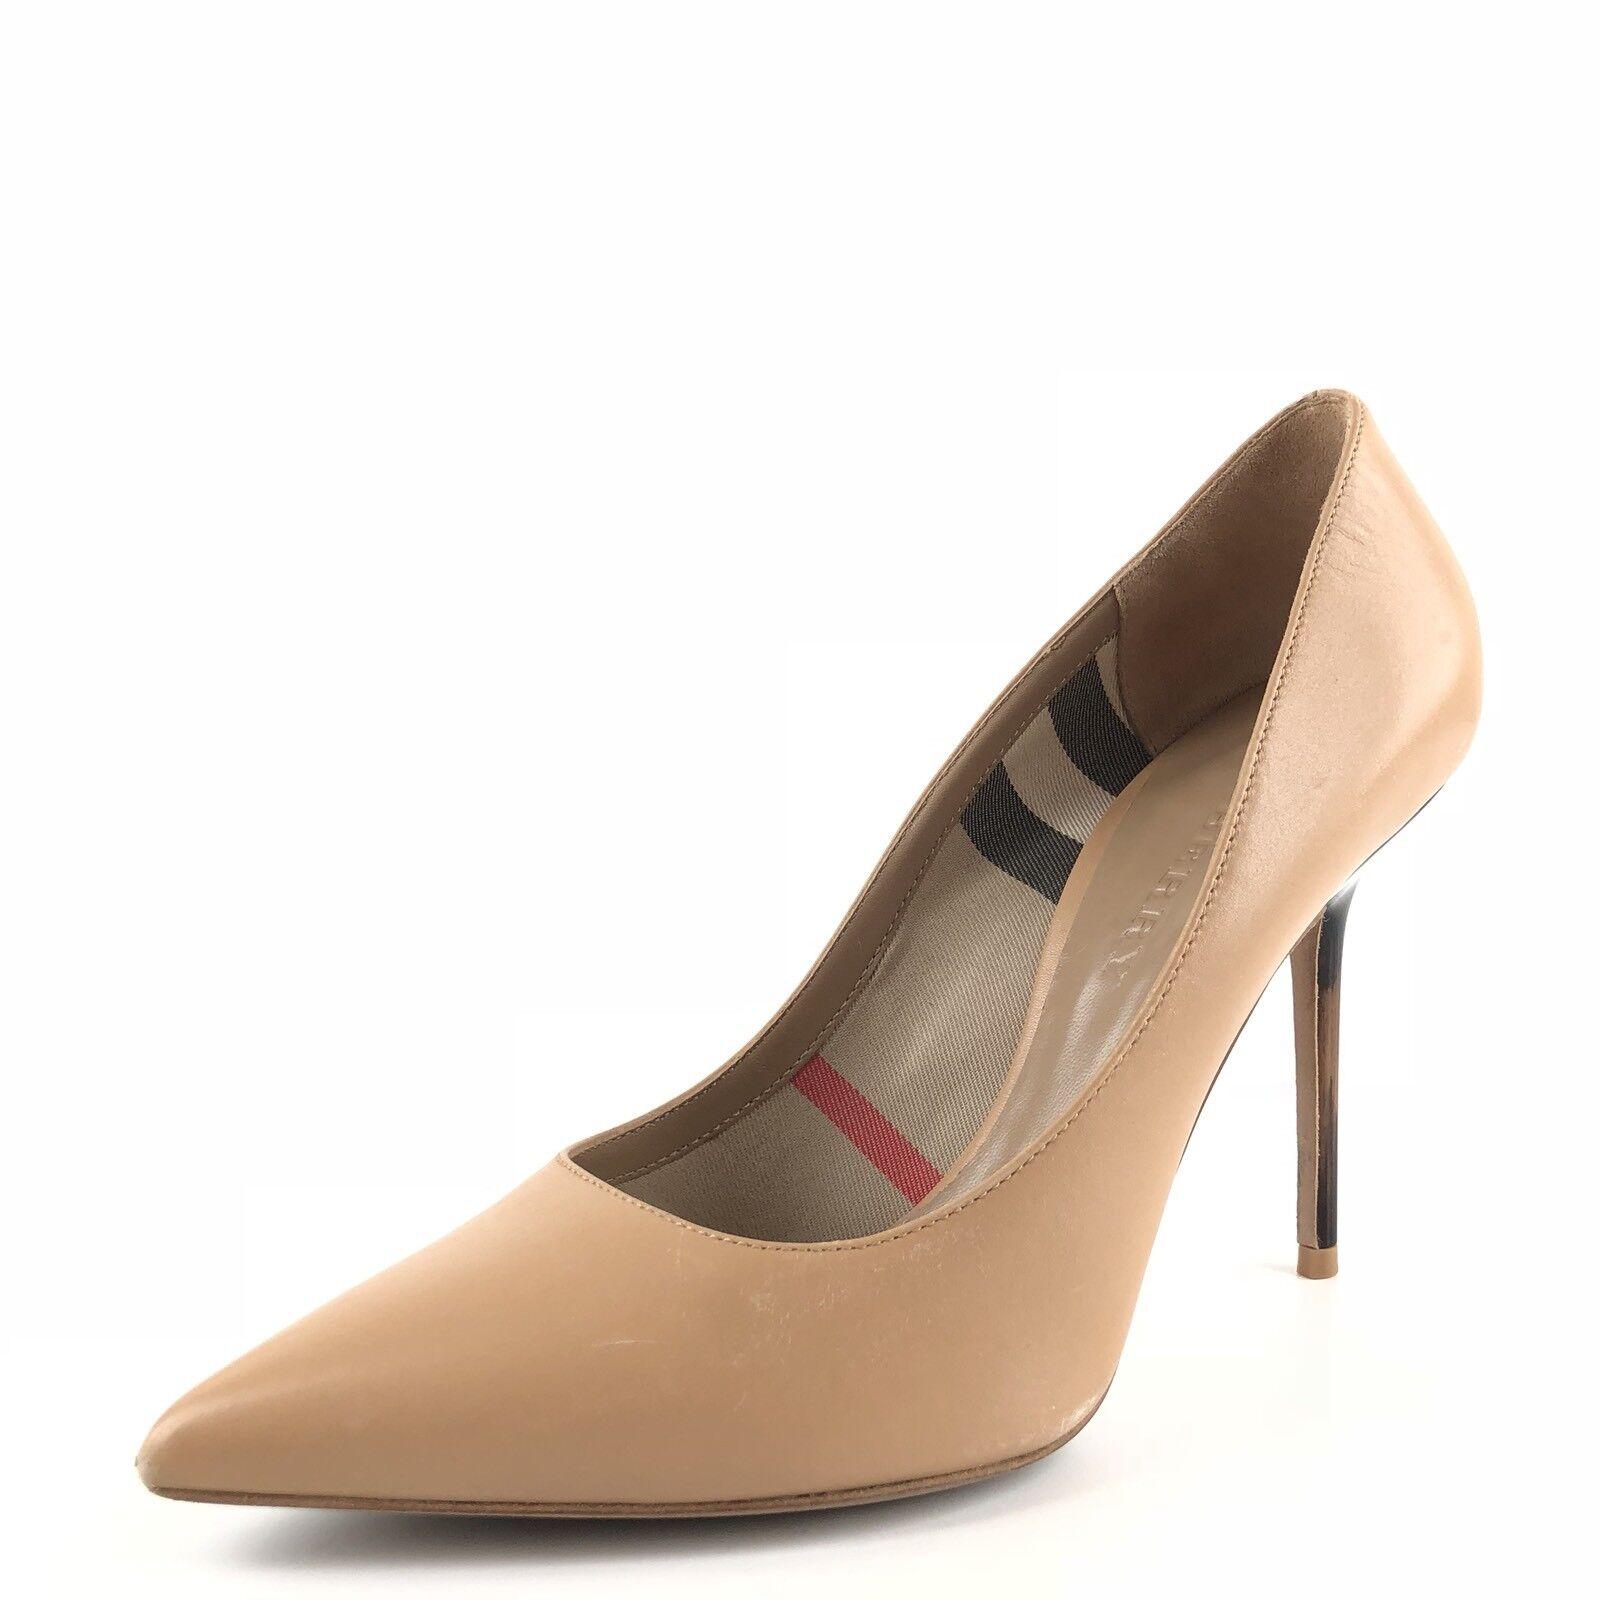 Burberry Deighton Deighton Deighton Camel Cuero Casuales Bombas Zapatos de tacón para mujer Talla 37.5 m  550   centro comercial de moda